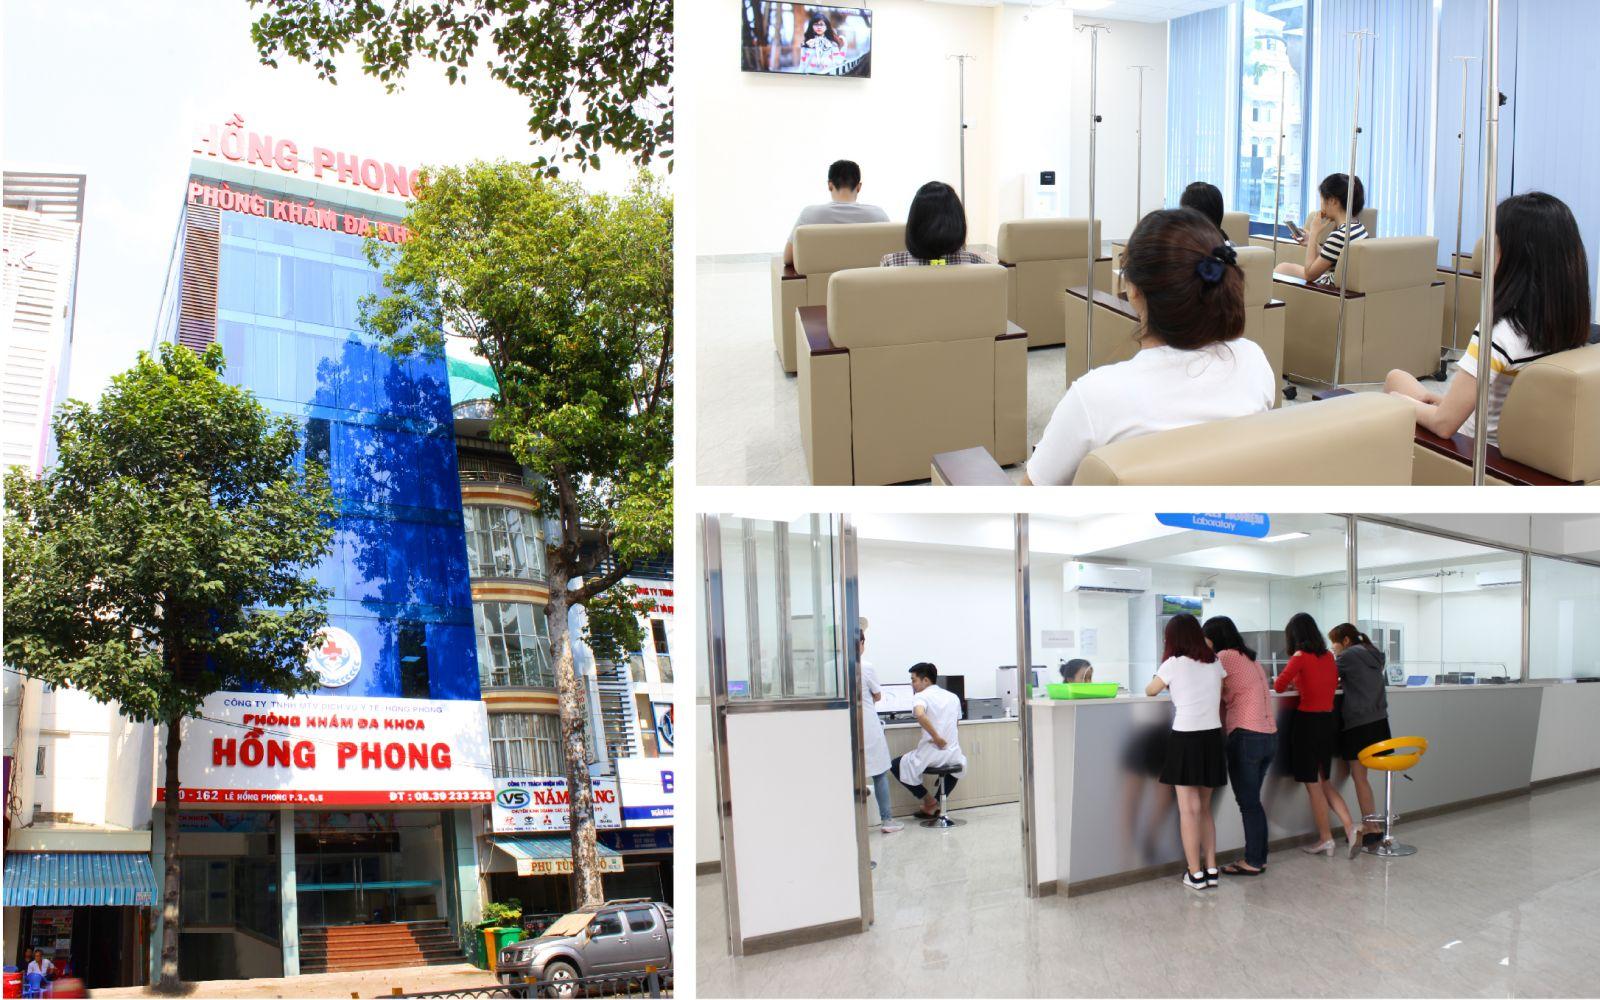 PKĐK Hồng Phong là phòng khám được Sở Y tế TP. HCM cấp phép hoạt động